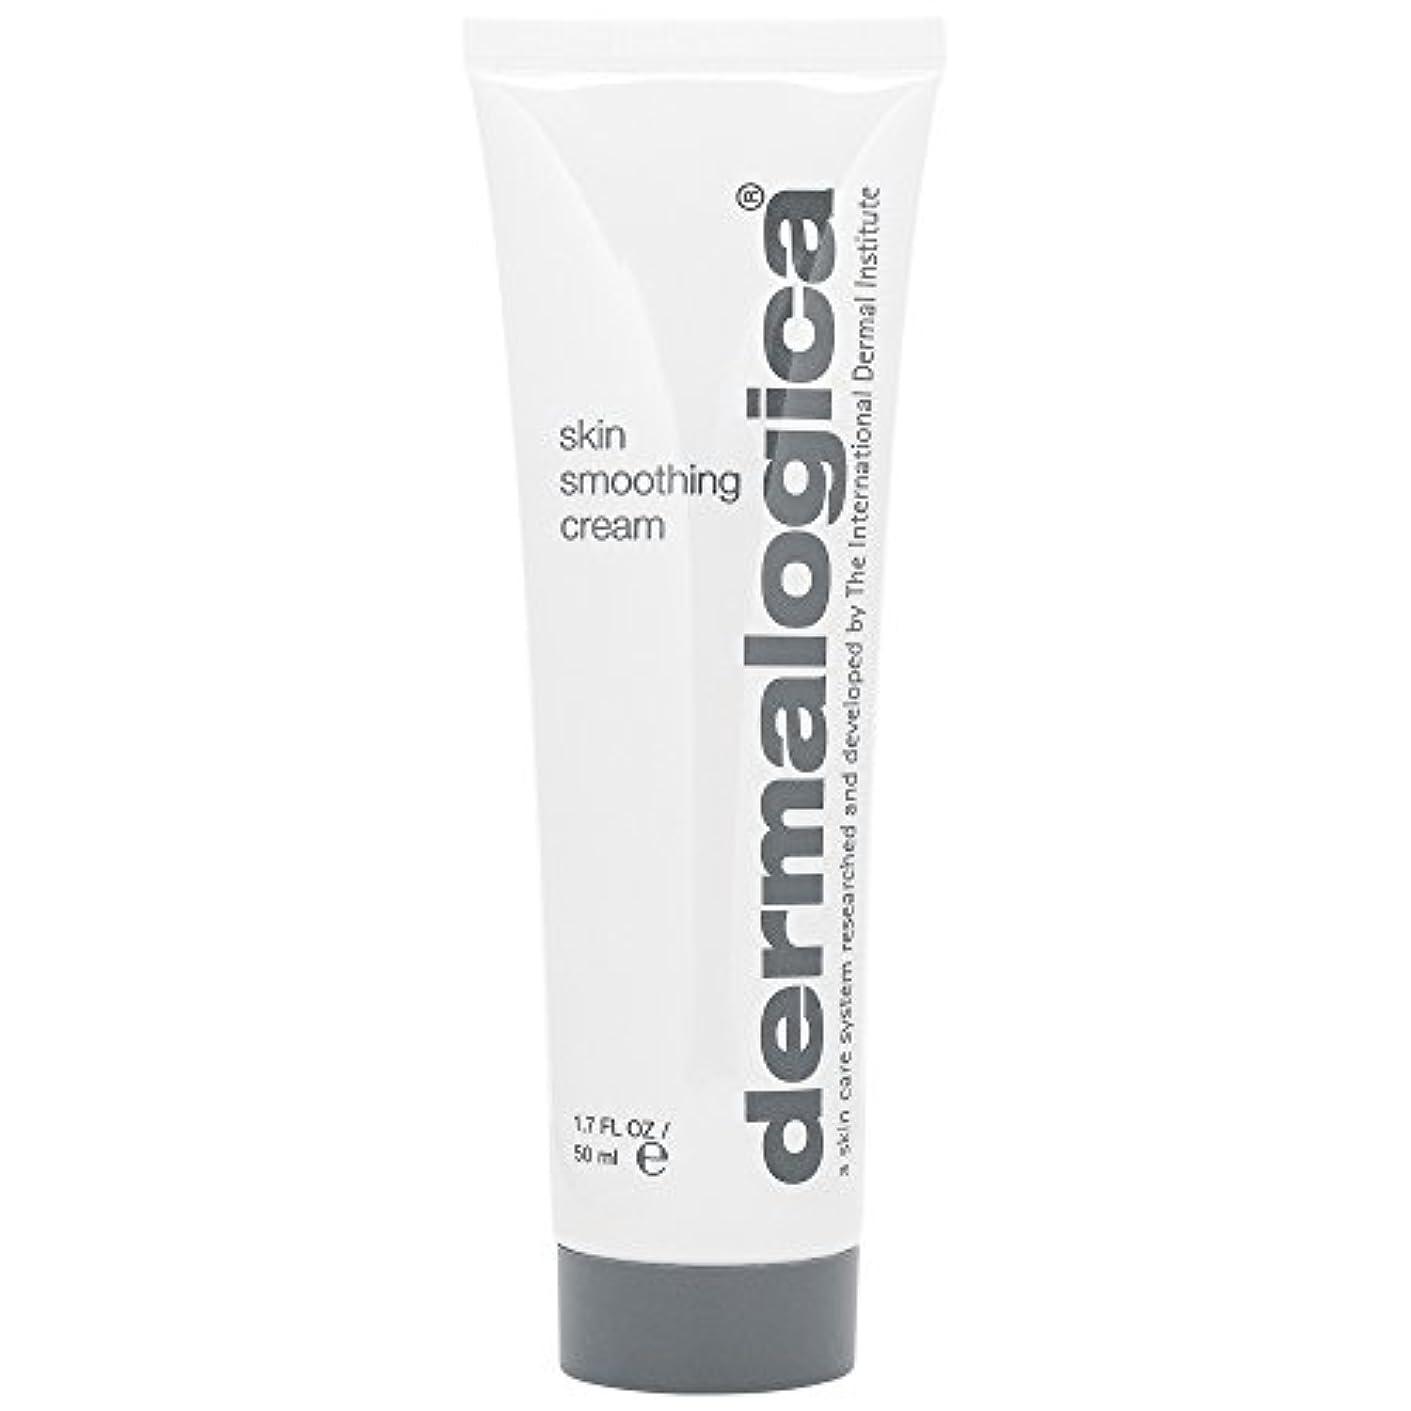 どうやらオフセットきらめくダーマロジカスキンスムージングクリーム50ミリリットル (Dermalogica) - Dermalogica Skin Smoothing Cream 50ml [並行輸入品]